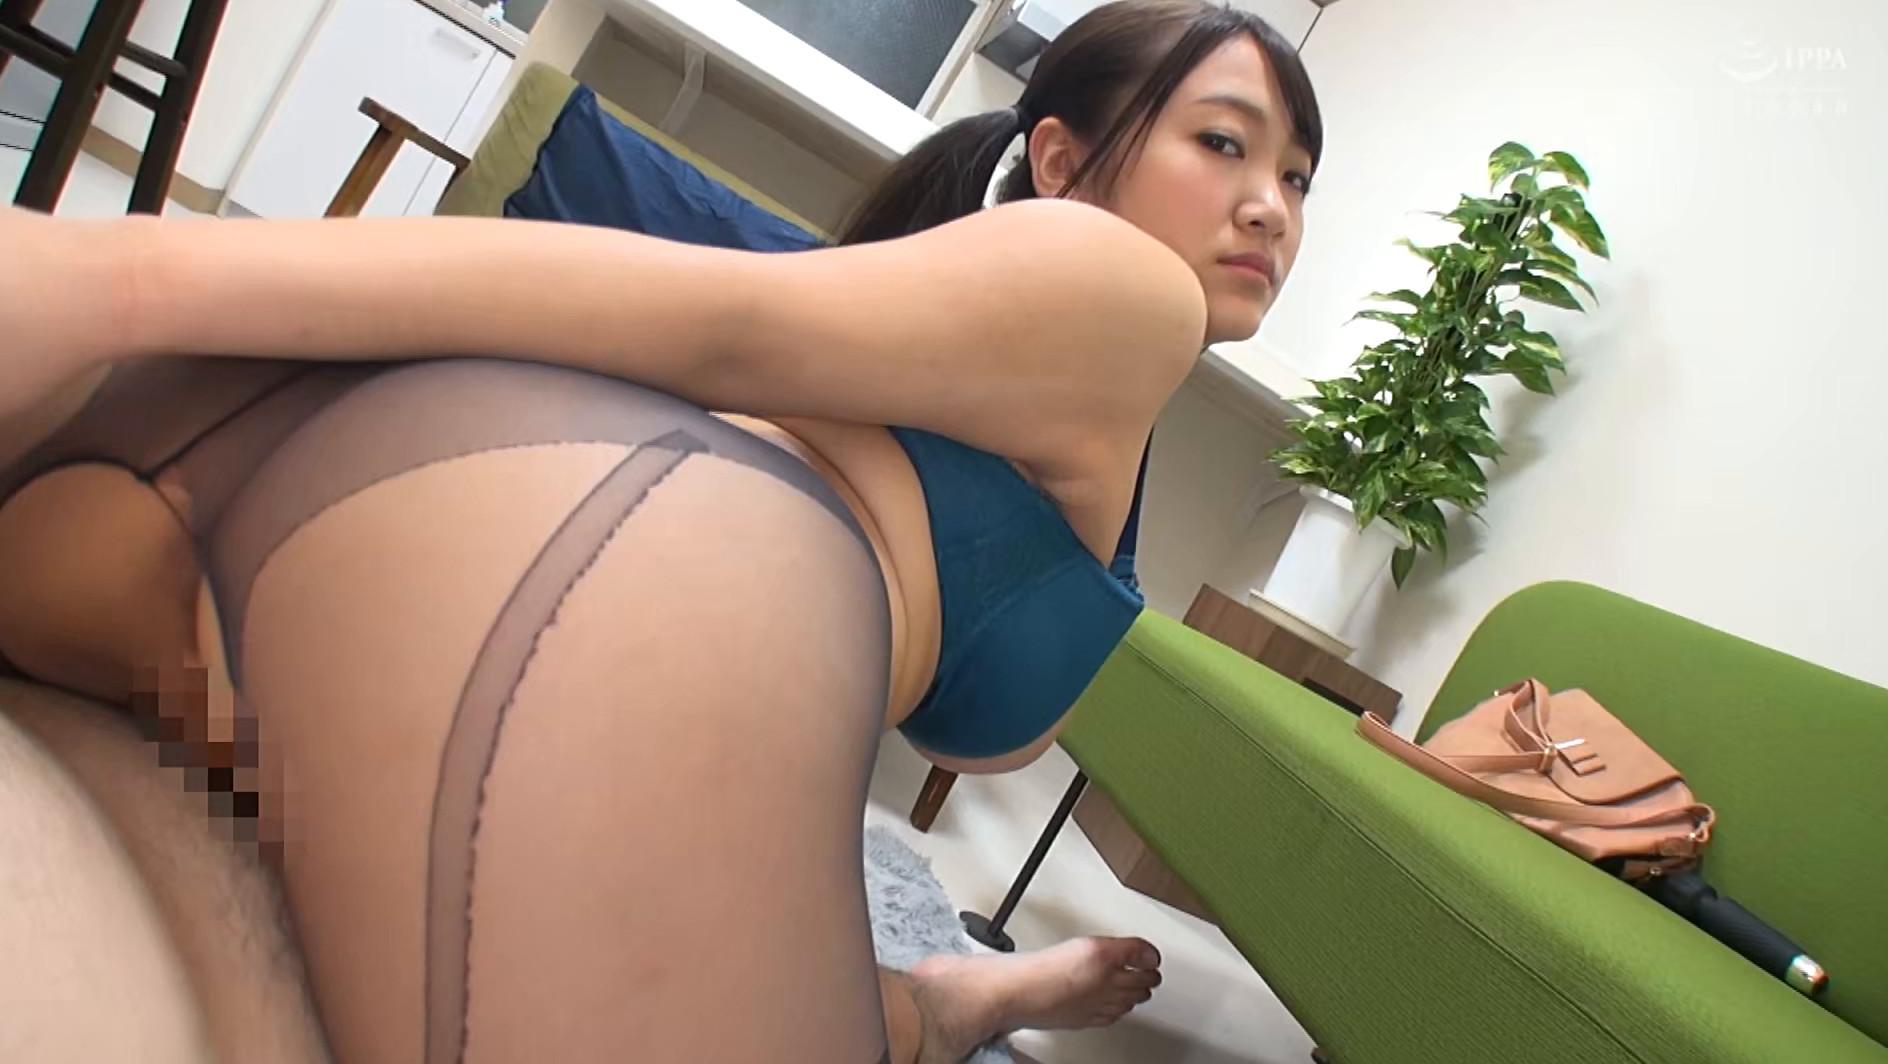 発掘☆デカ乳素人 5 画像17